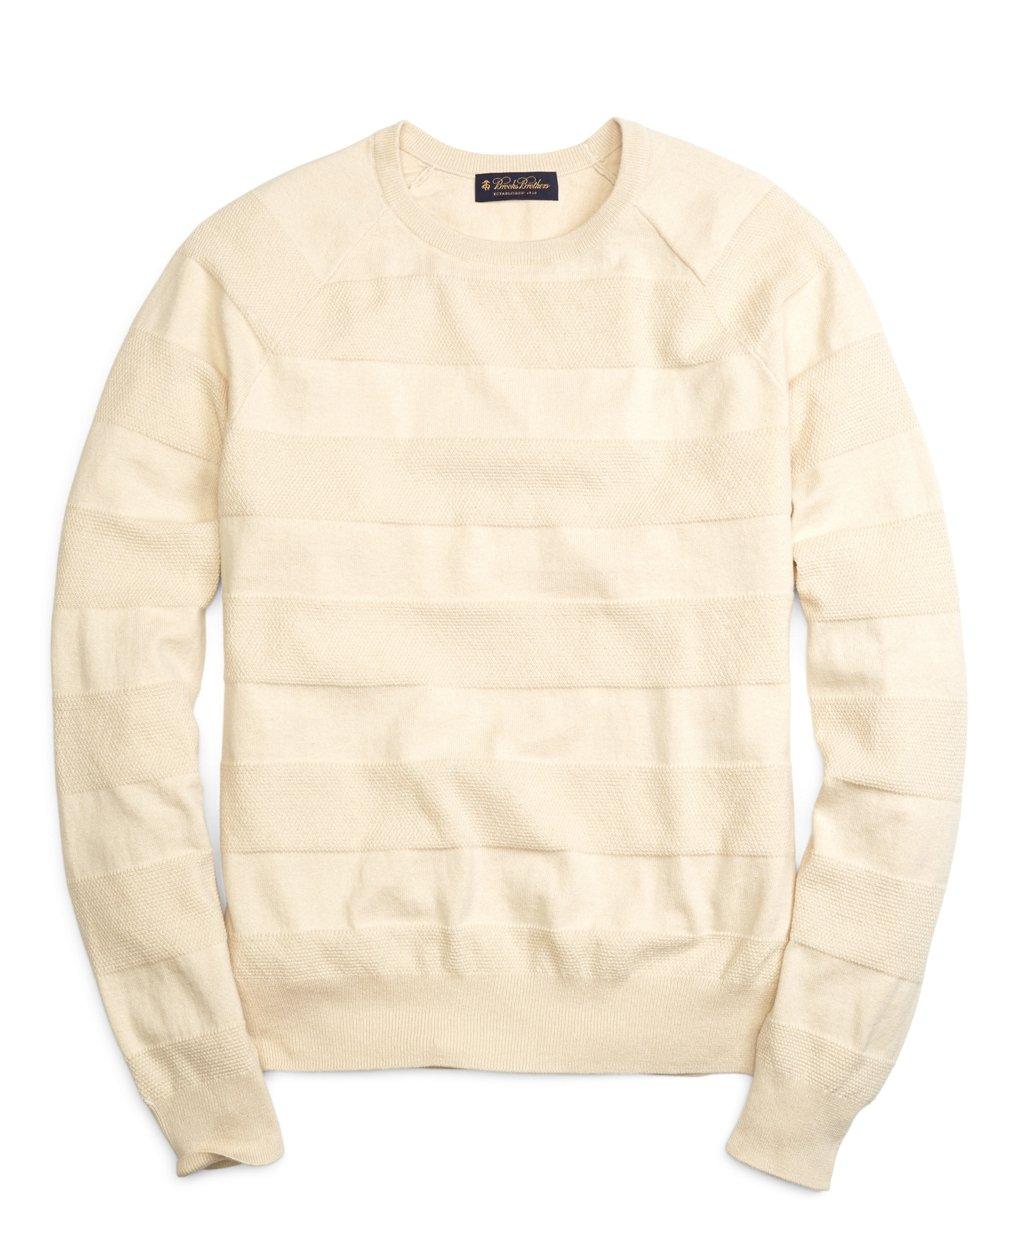 fd1b3ce7715a Lyst - Brooks Brothers Cotton Cashmere Crewneck Tonal Stripe Sweater ...